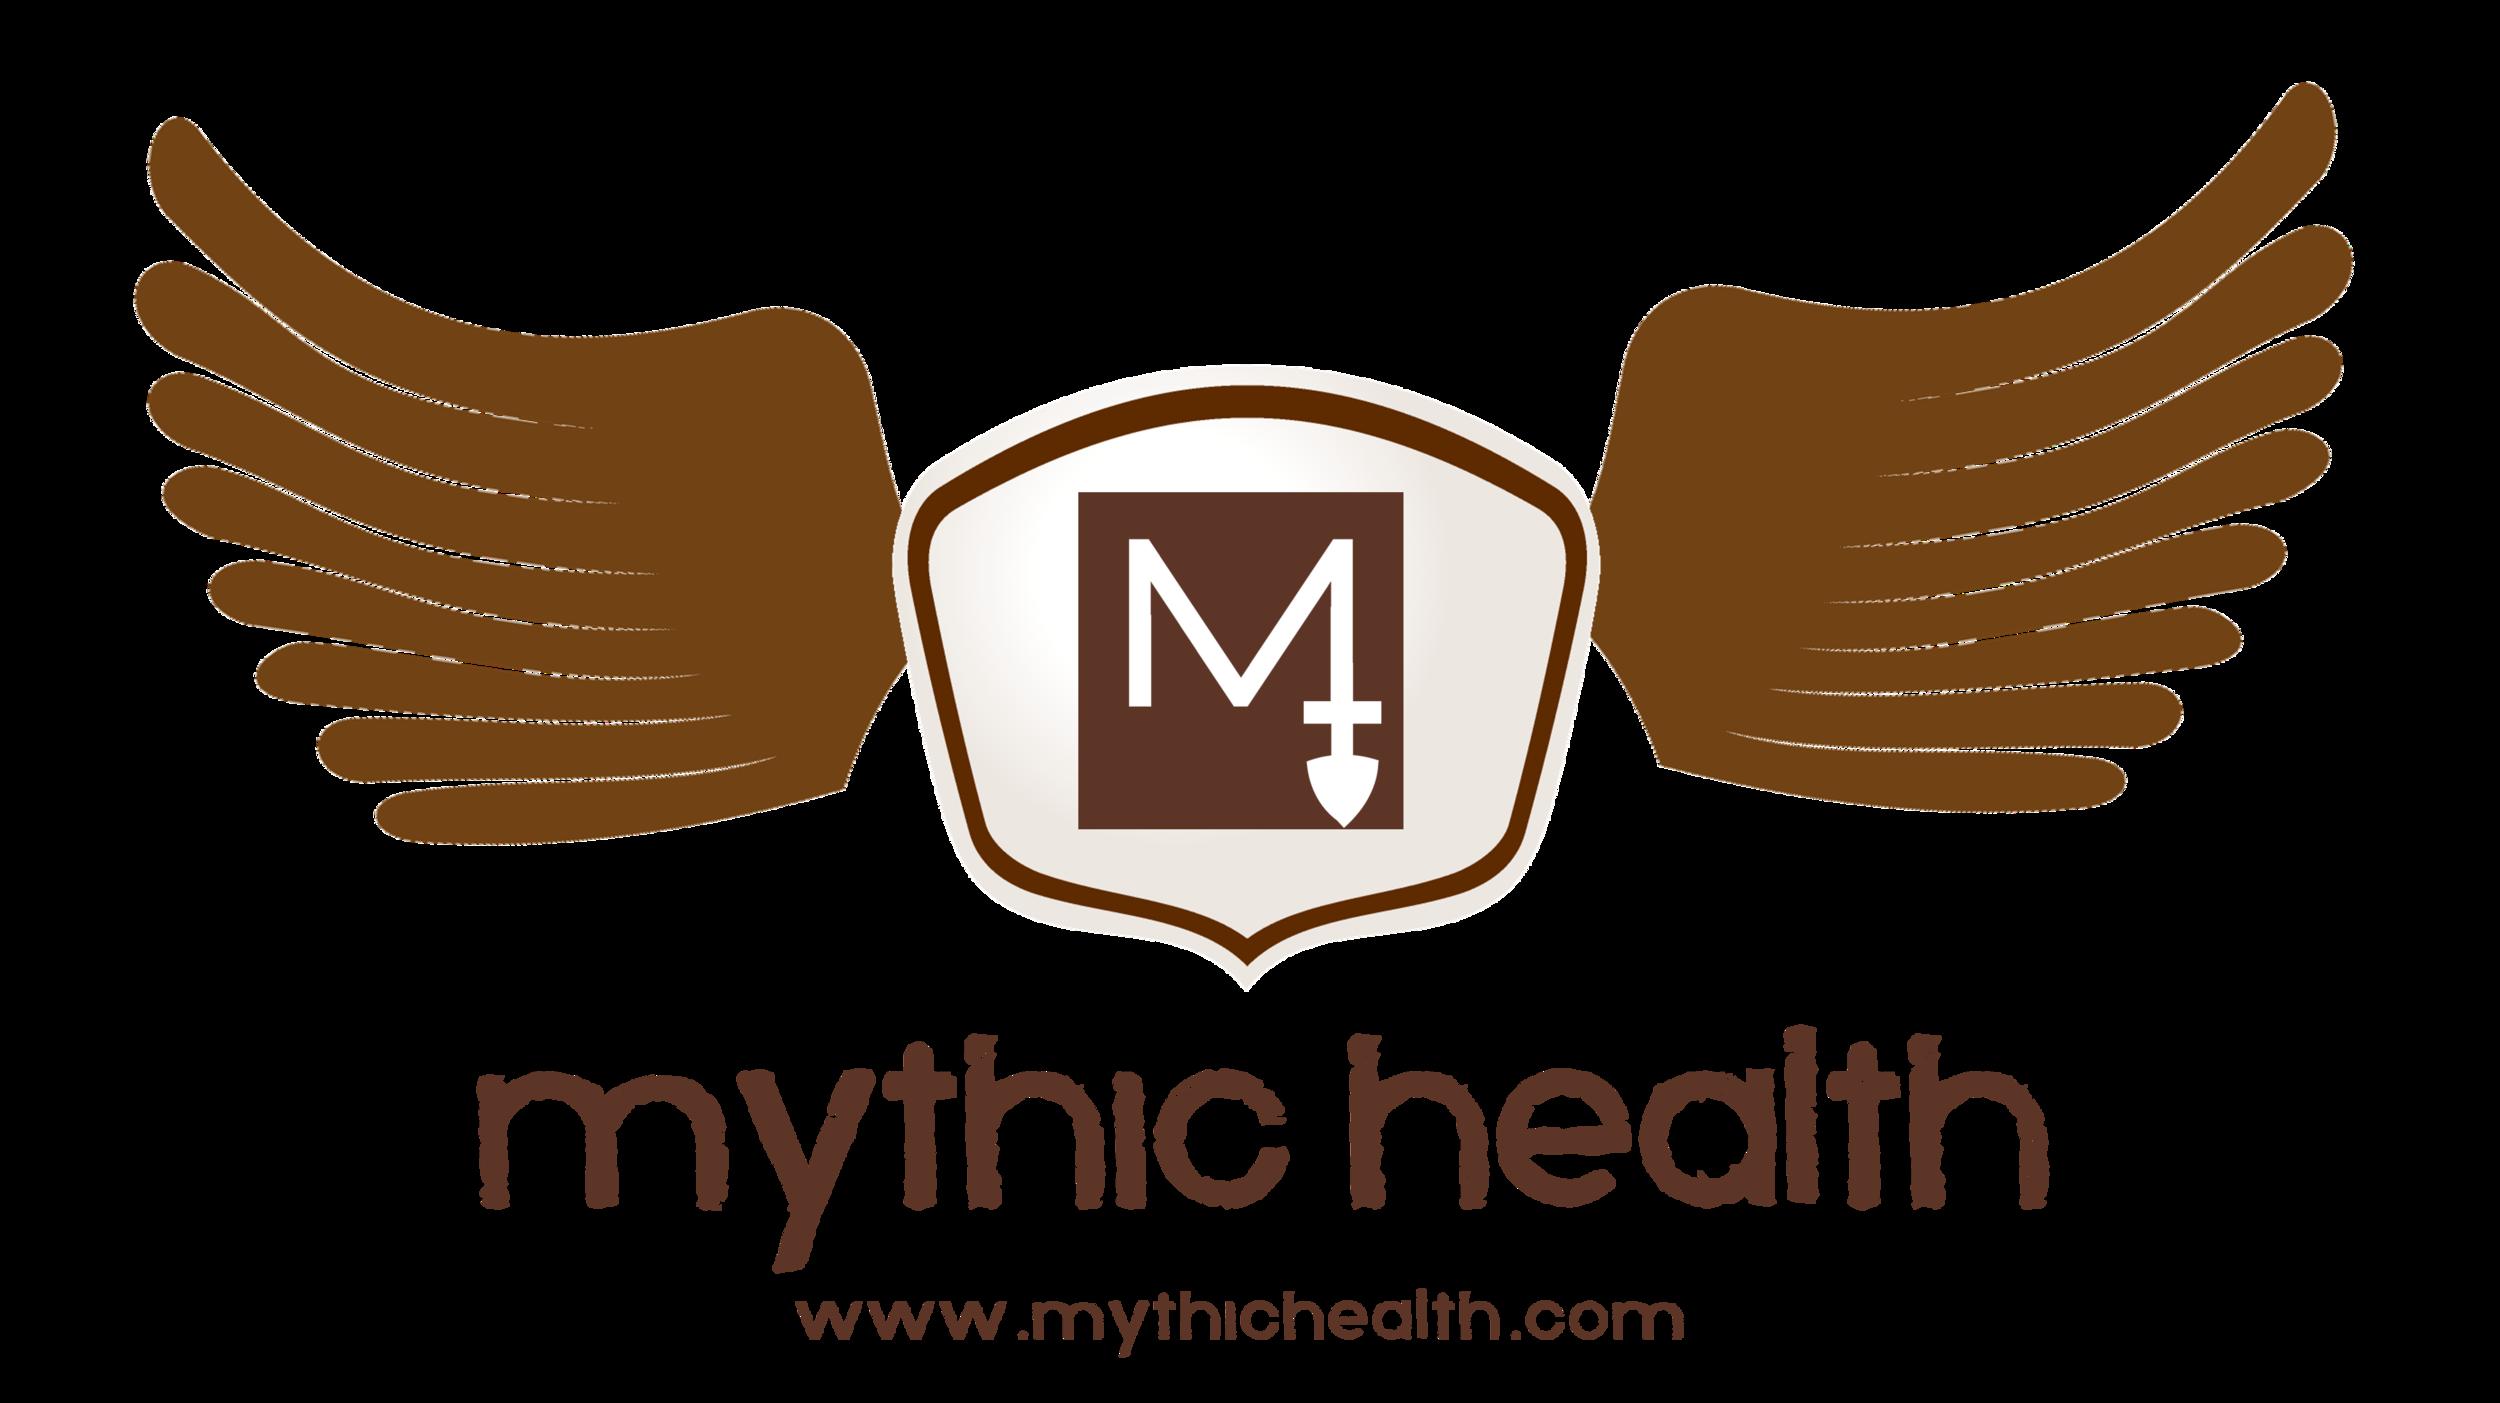 Mythic Health Essential Oils